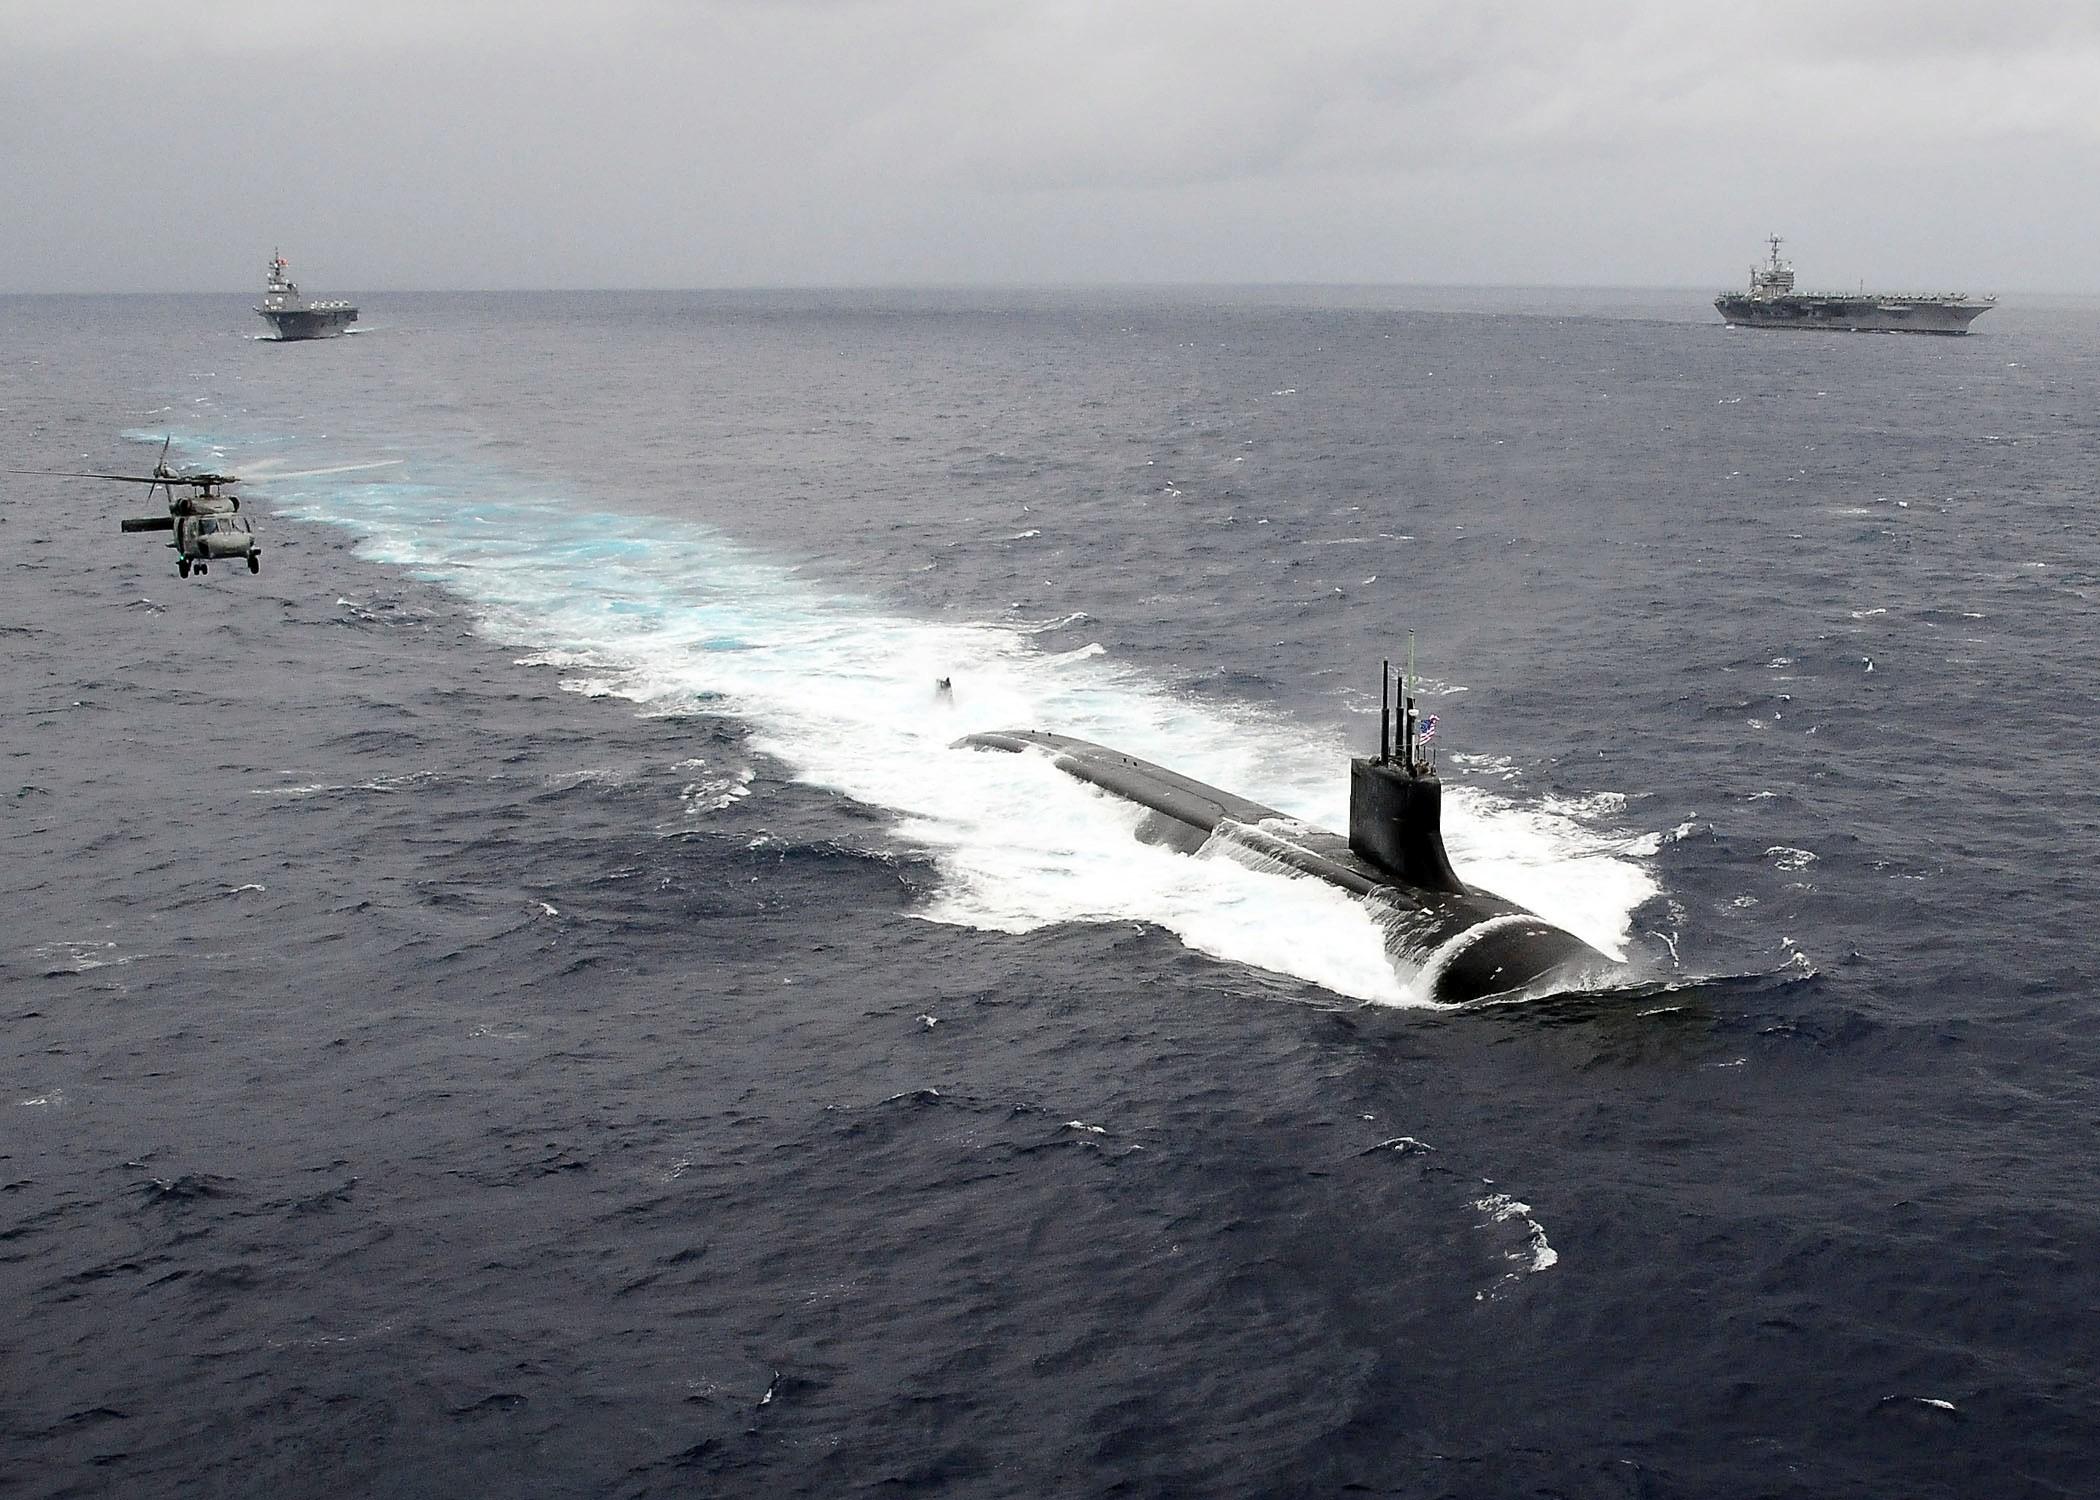 его коже фото военных кораблей подводных лодок на смартфон нет толп